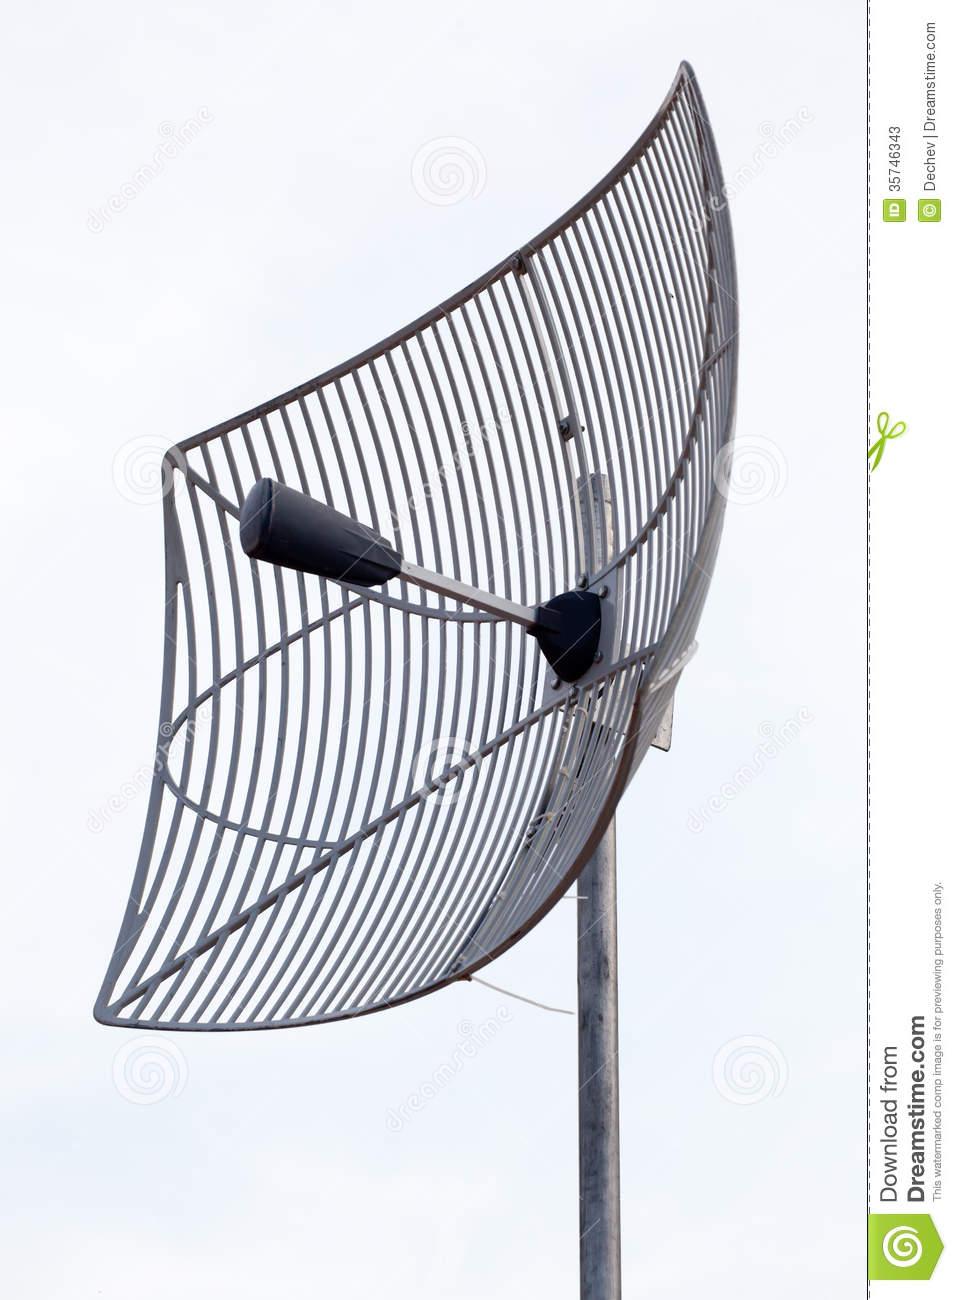 Radar Antenna Clip Art.